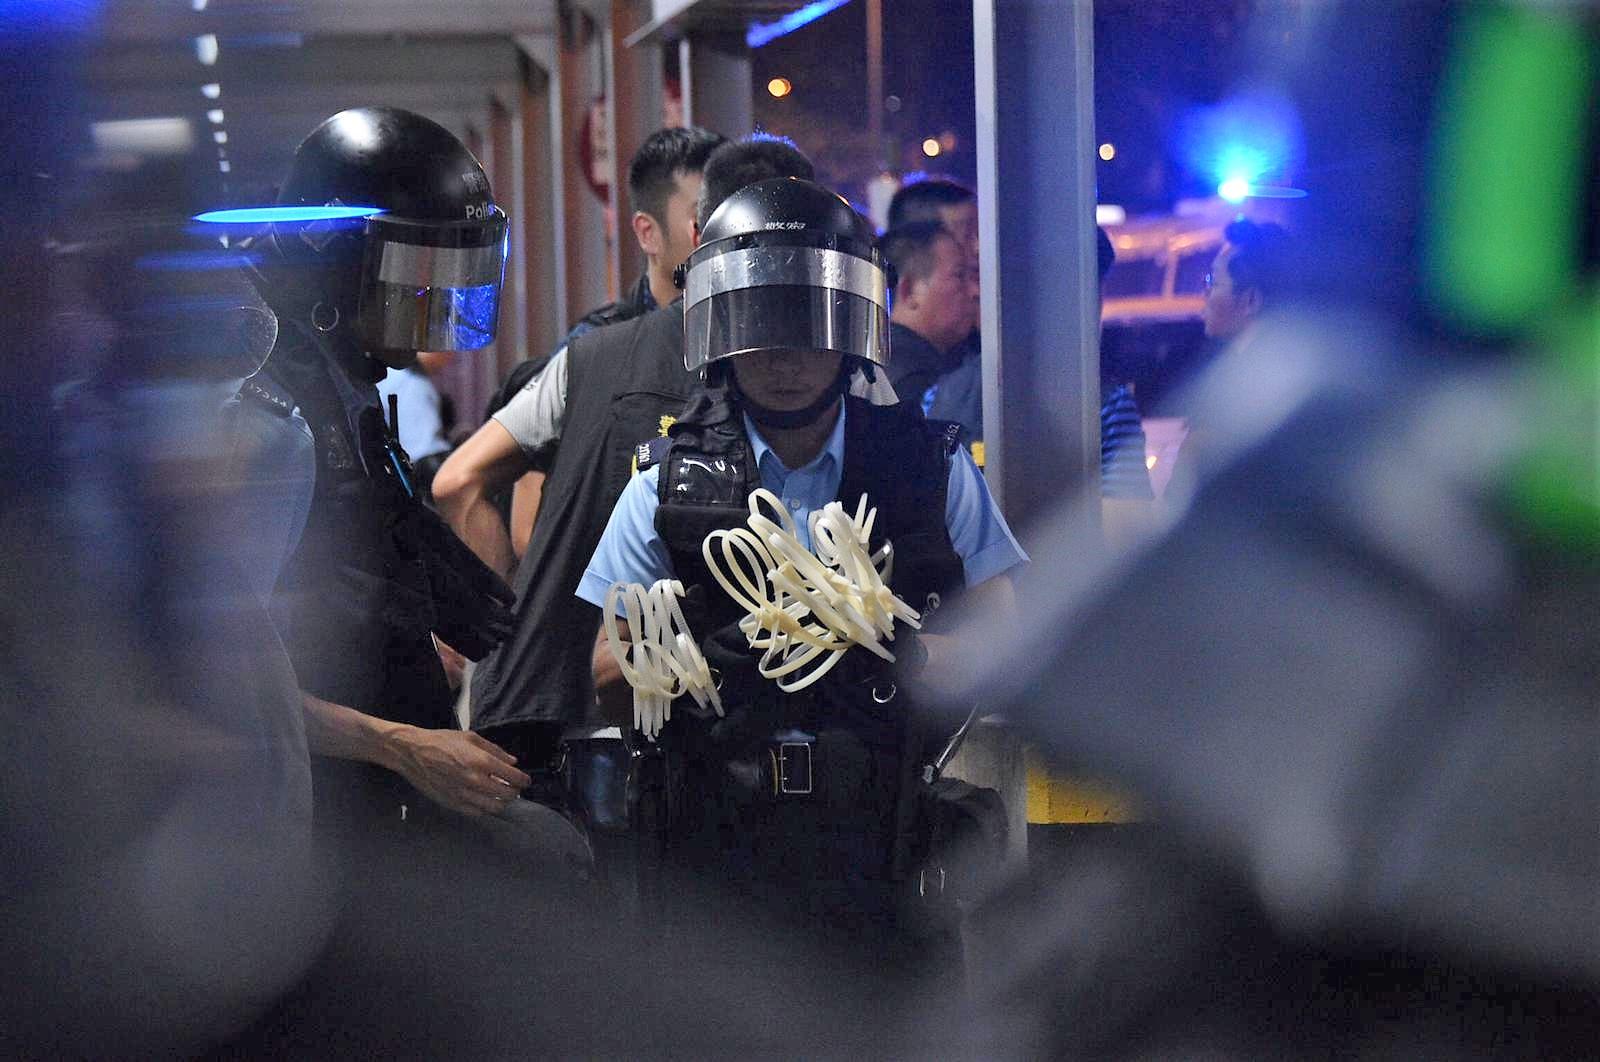 巴士上多人被捕。